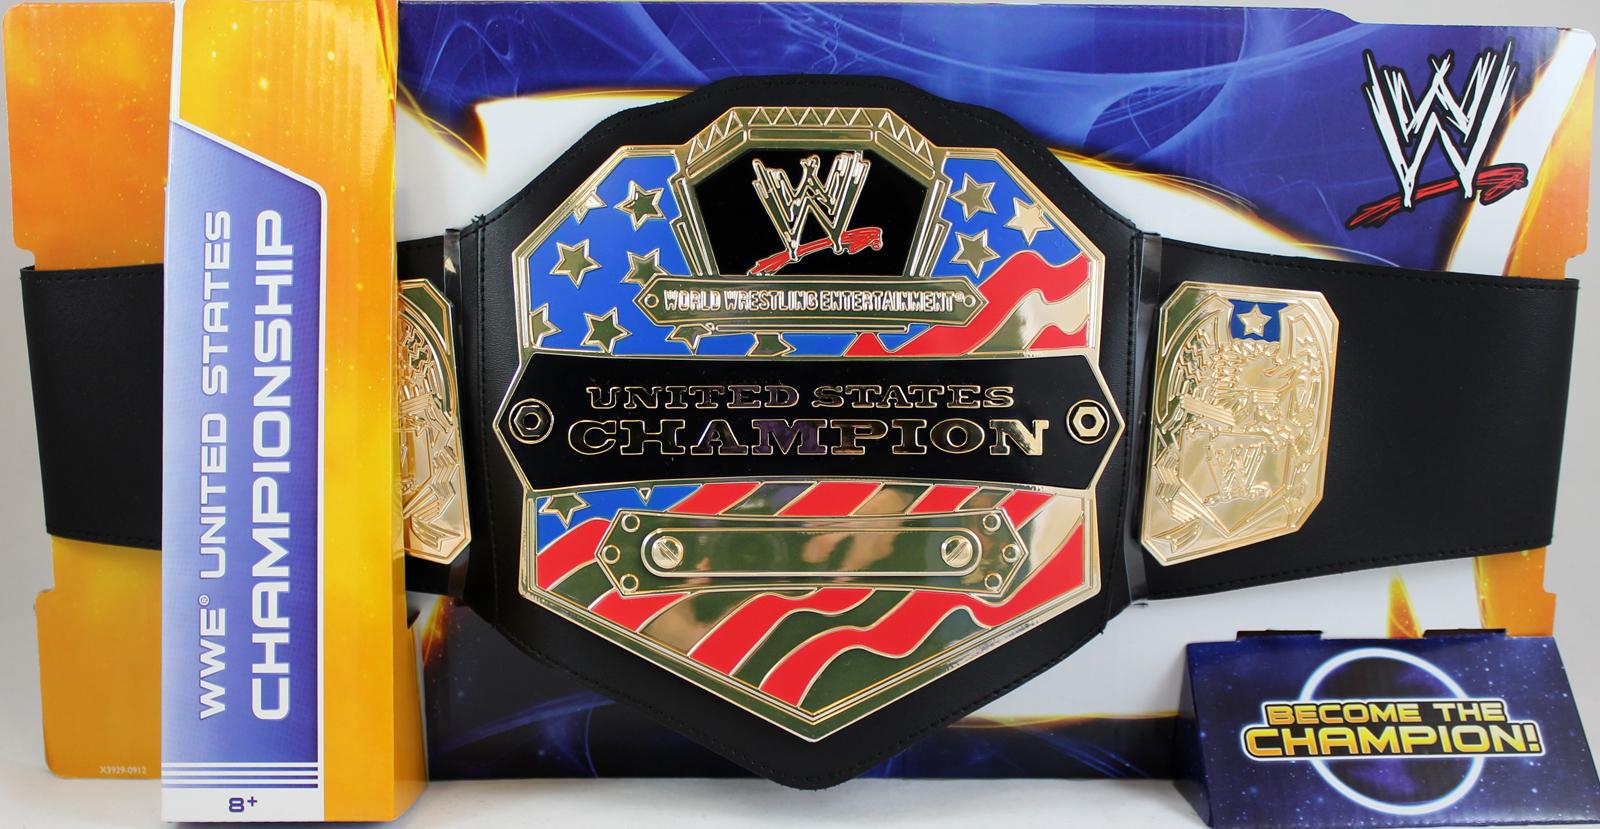 WWE United States - Mattel Championship Toy Wrestling Belt PartNumber: 05228218000P KsnValue: 05228218000 MfgPartNumber: MBELT-008